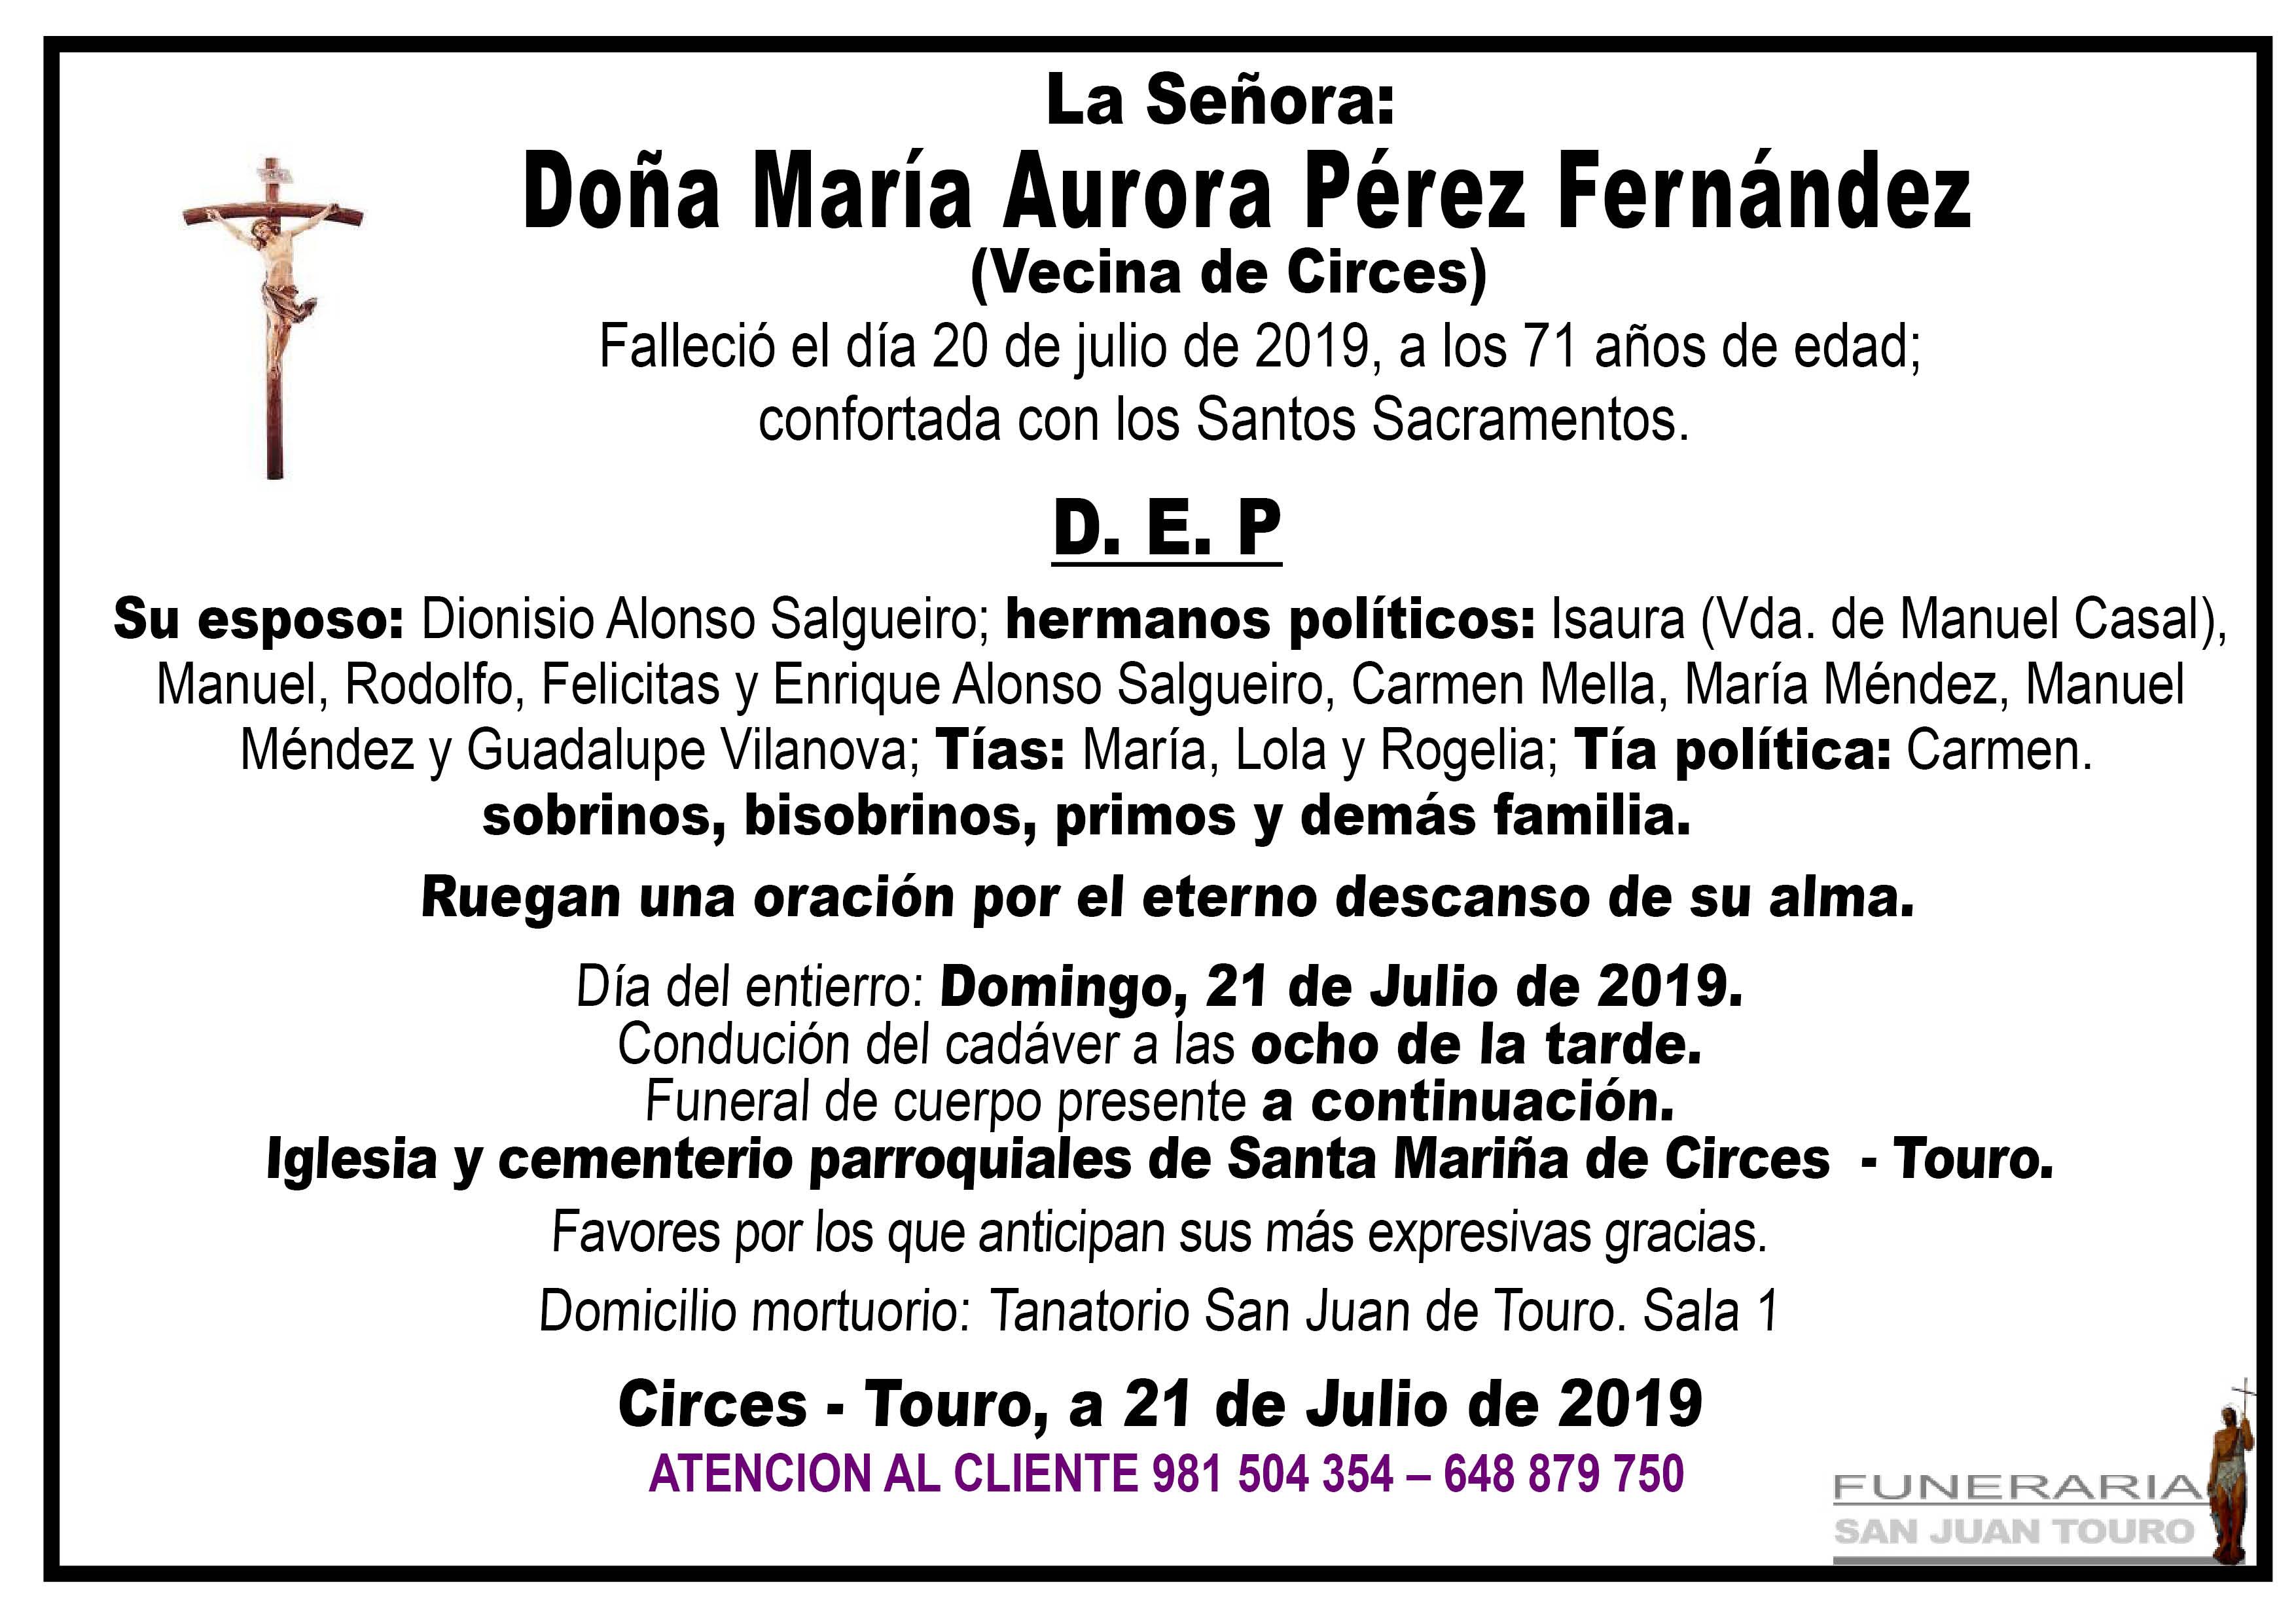 Esquela de SEPELIO DE DOÑA MARÍA AURORA PÉREZ FERNÁNDEZ.